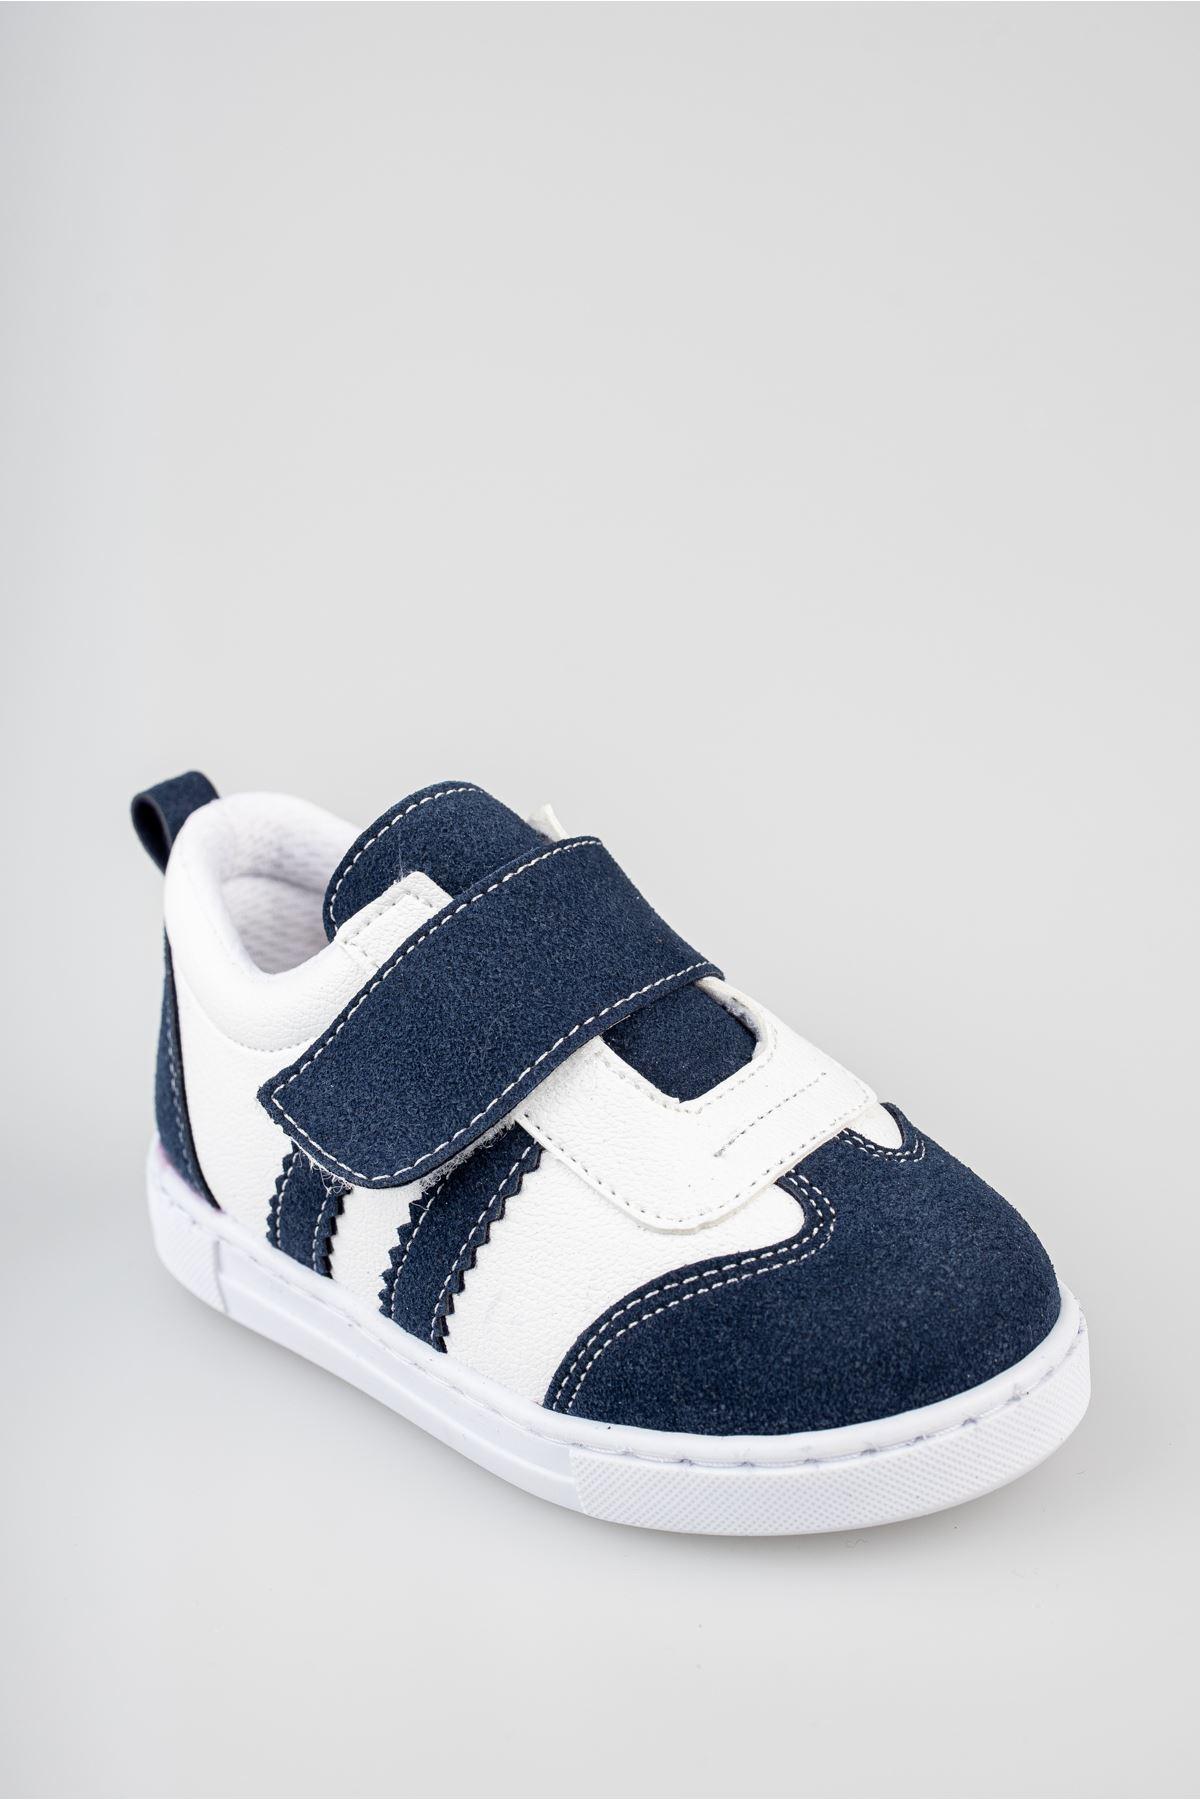 Ortapedik Pedli Cırtlı Lacivert Bebe Ayakkabı